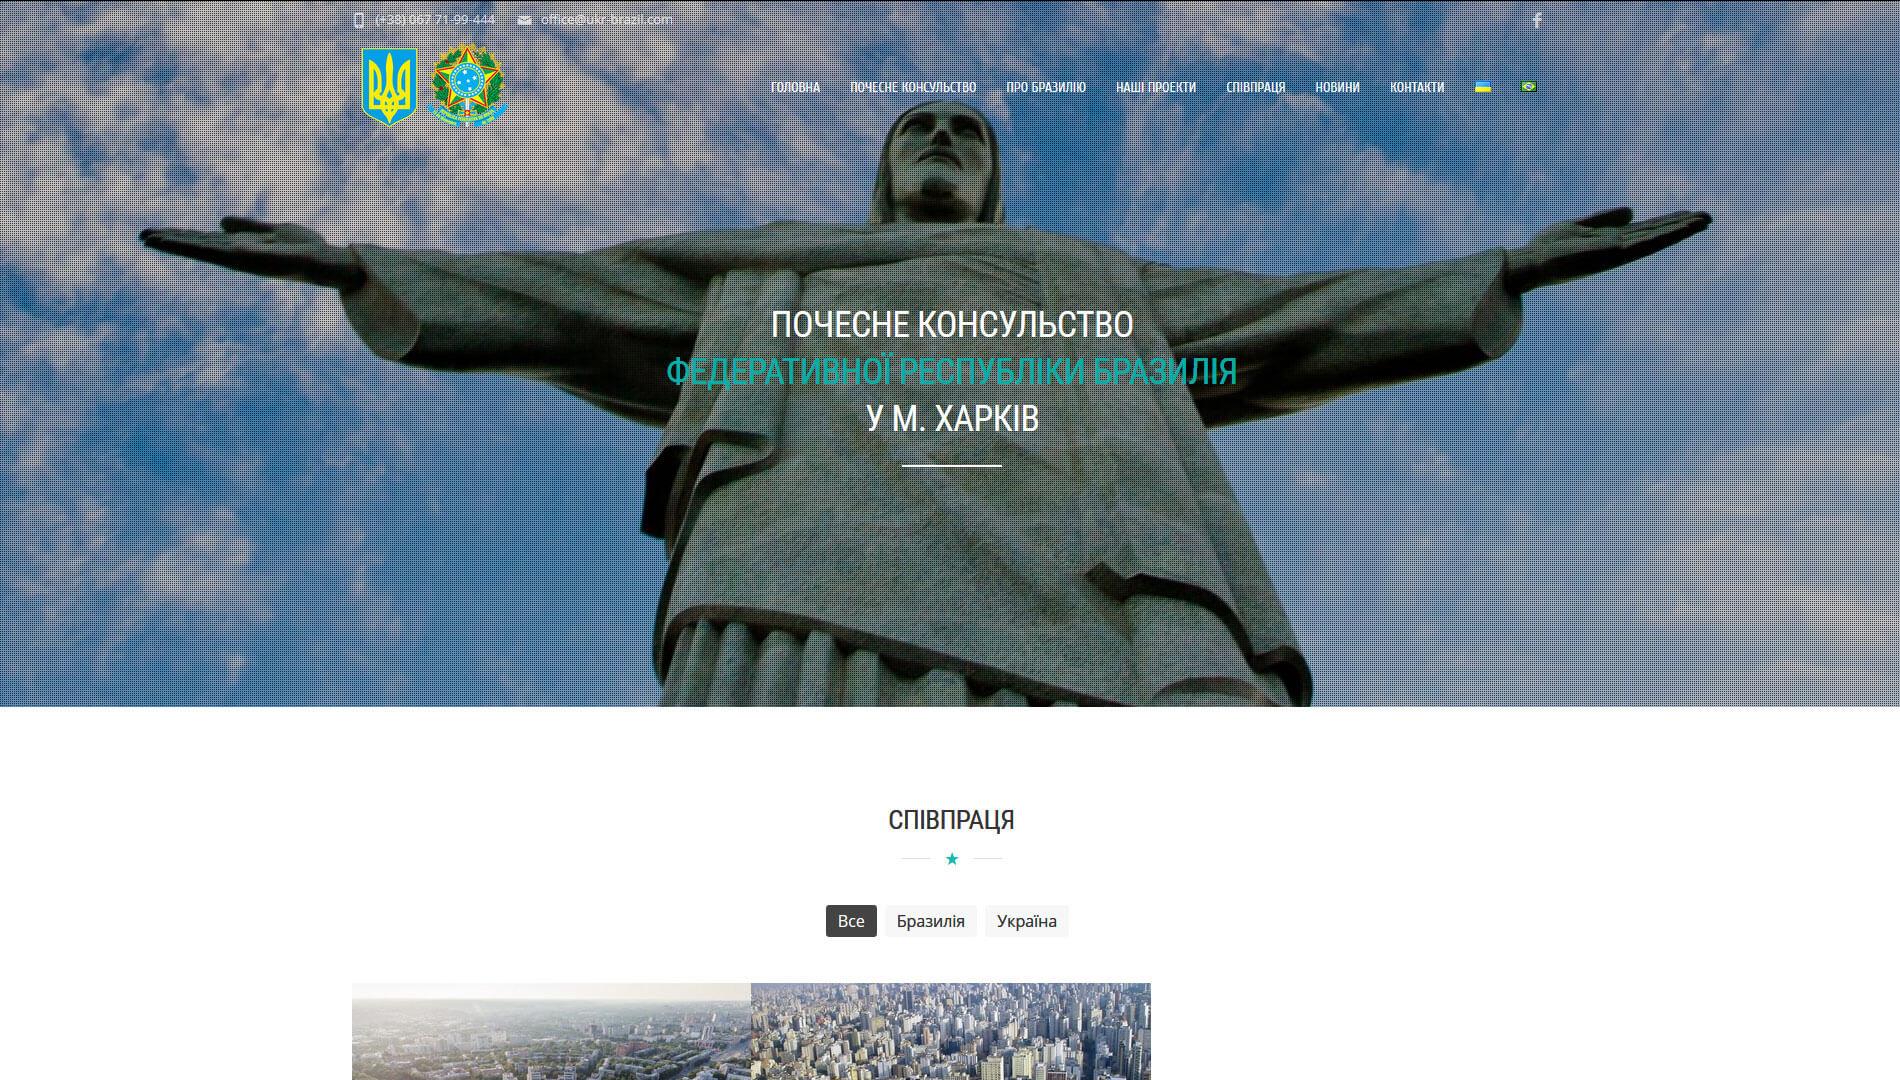 Создание сайта для консульства Бразилии в Харькове